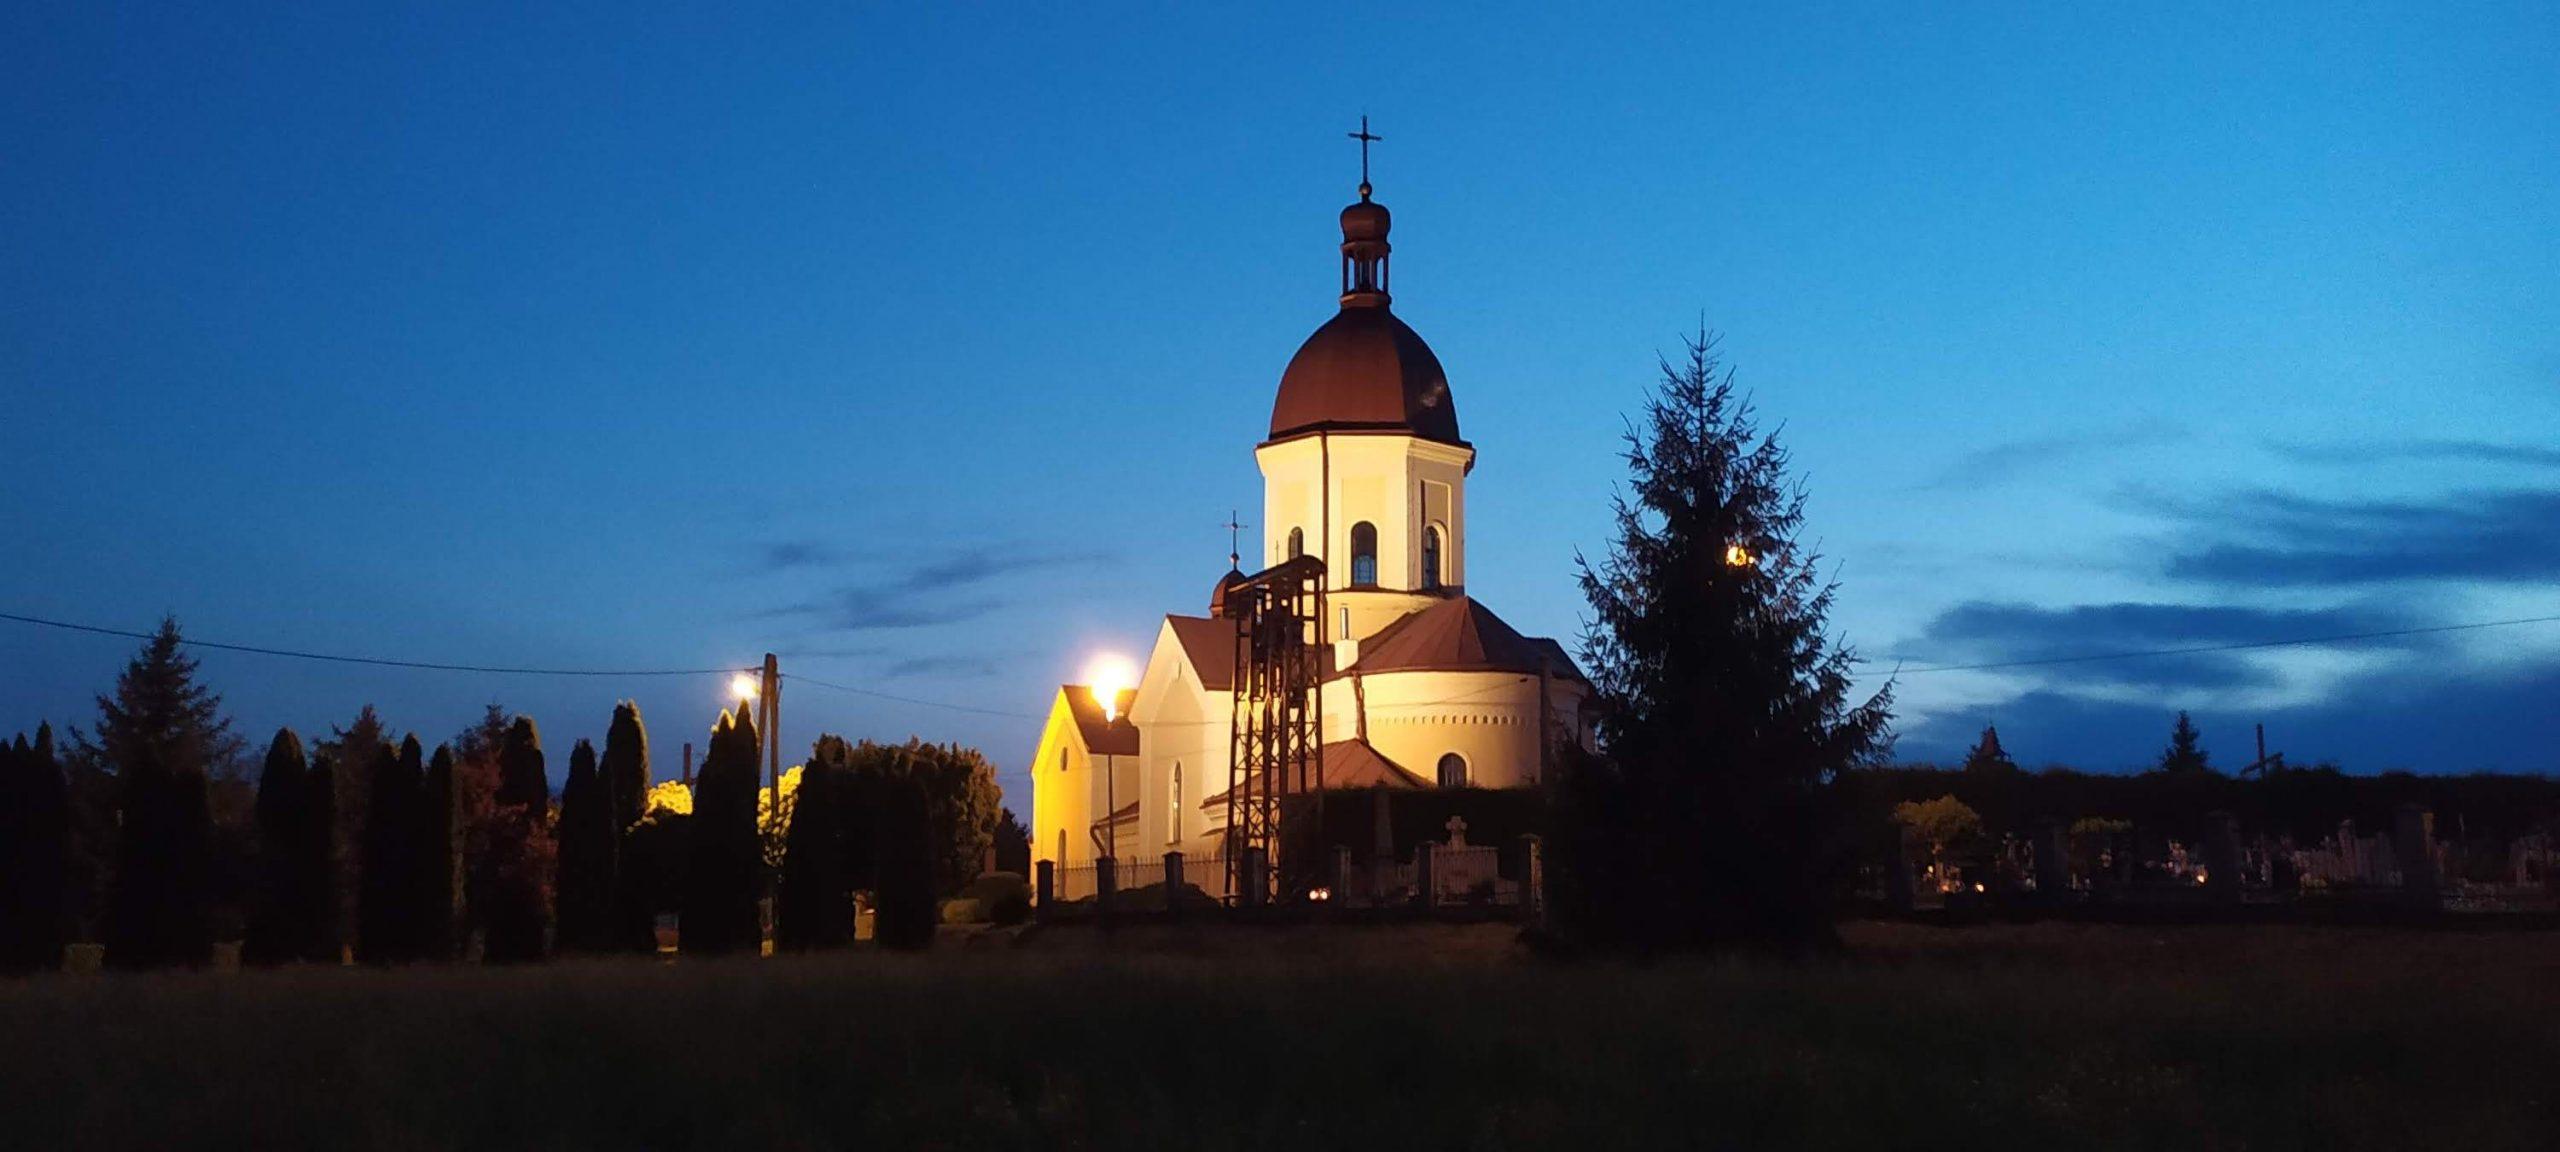 Kościół i jego otoczenie nocą